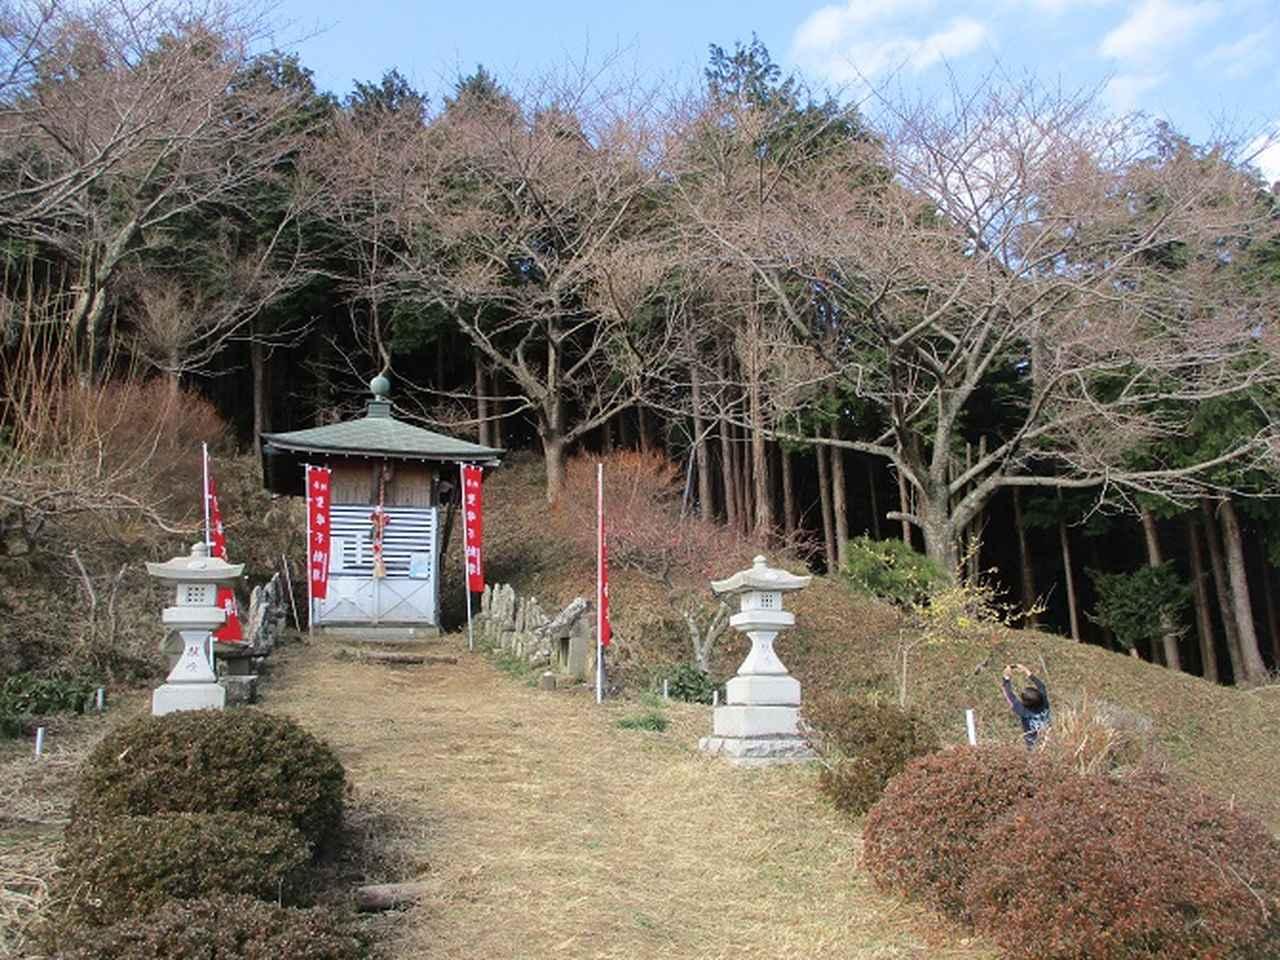 画像1: 先日1月7日に山旅会現地集合 「聖峰から高取山」 ツアーにいってまいりました!